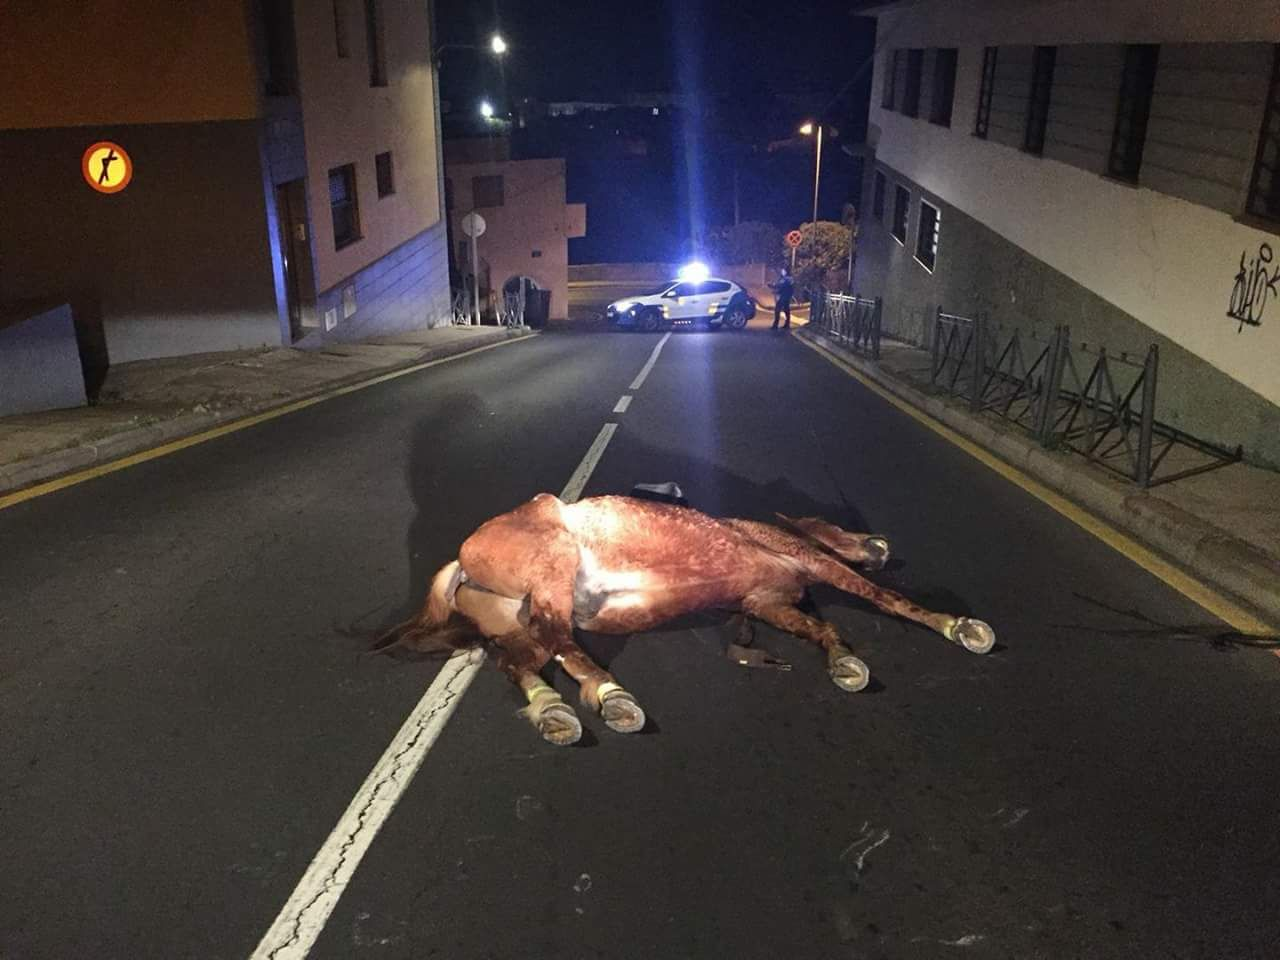 Caballo fallecido en el accidente. / POLICÍA LOCAL LA LAGUNA